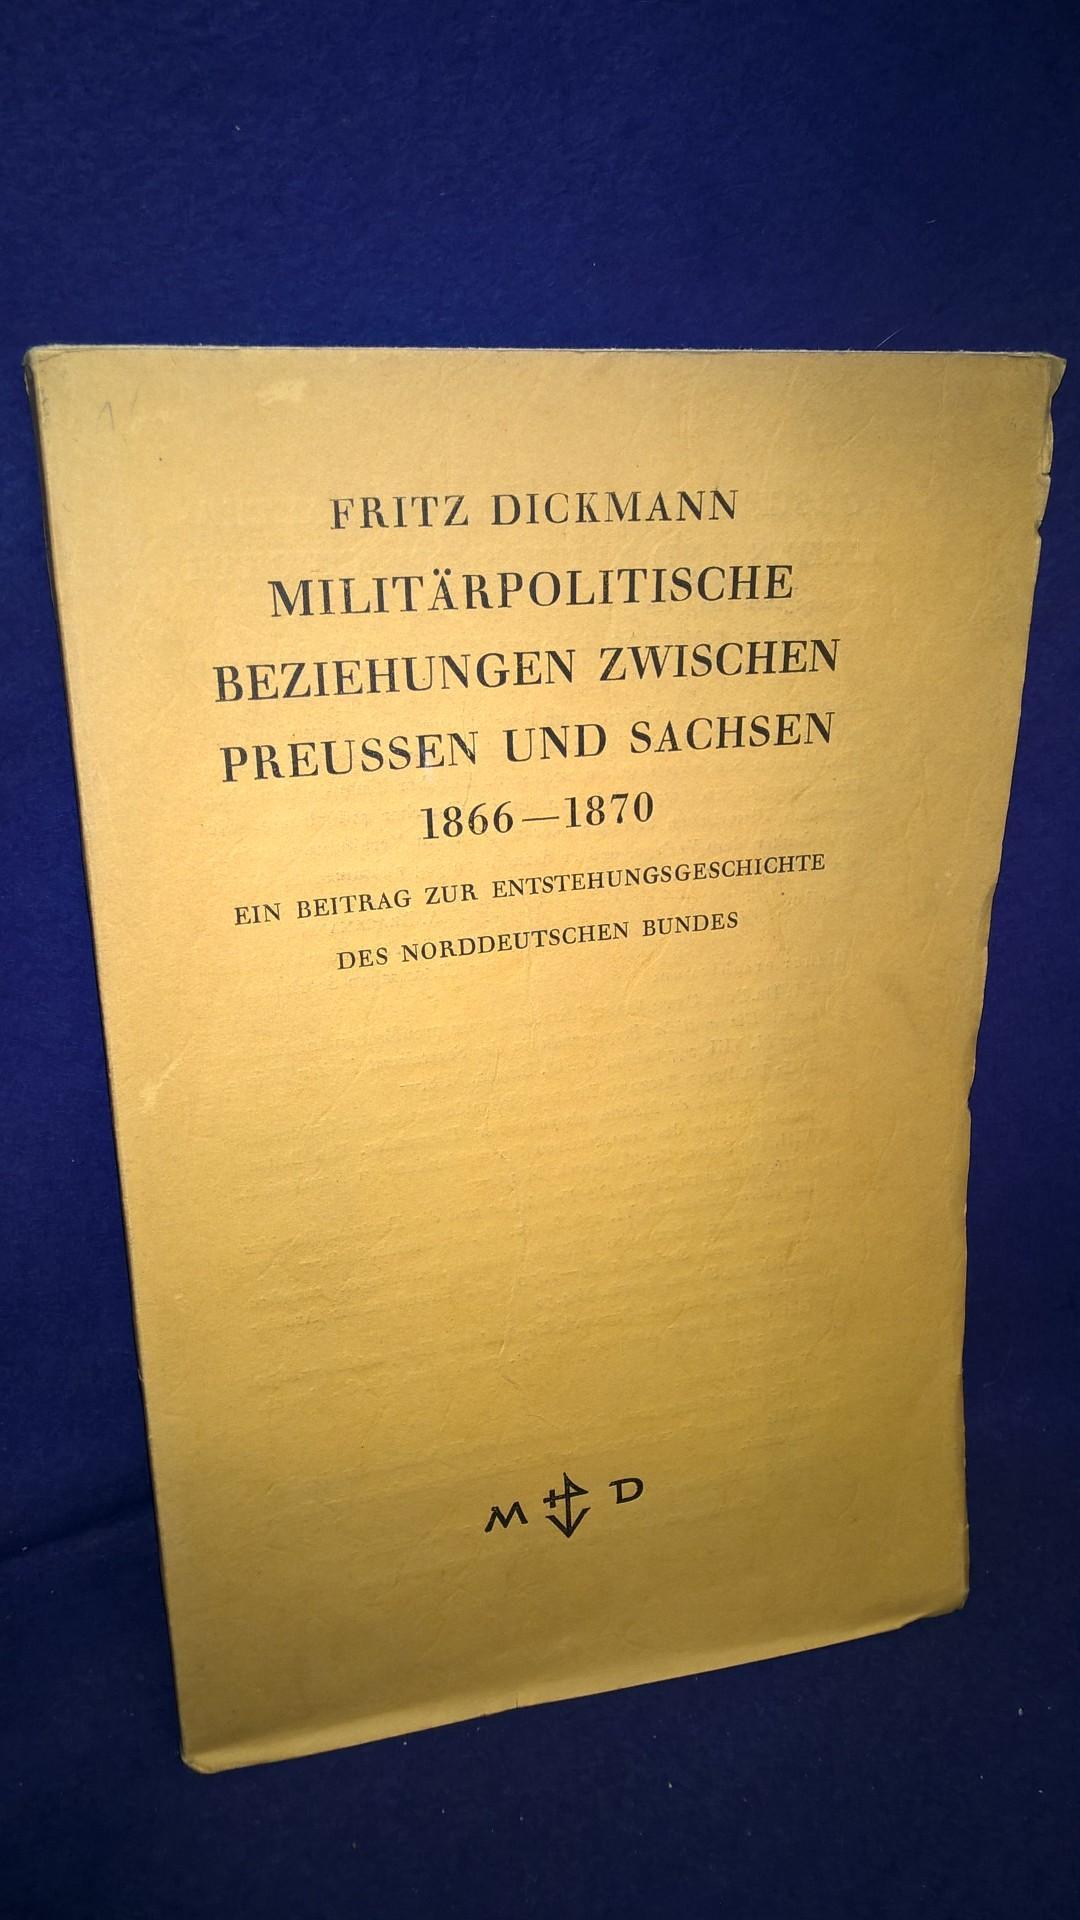 Militärpolitische Beziehungen zwischen Preußen und Sachsen 1866-1870.